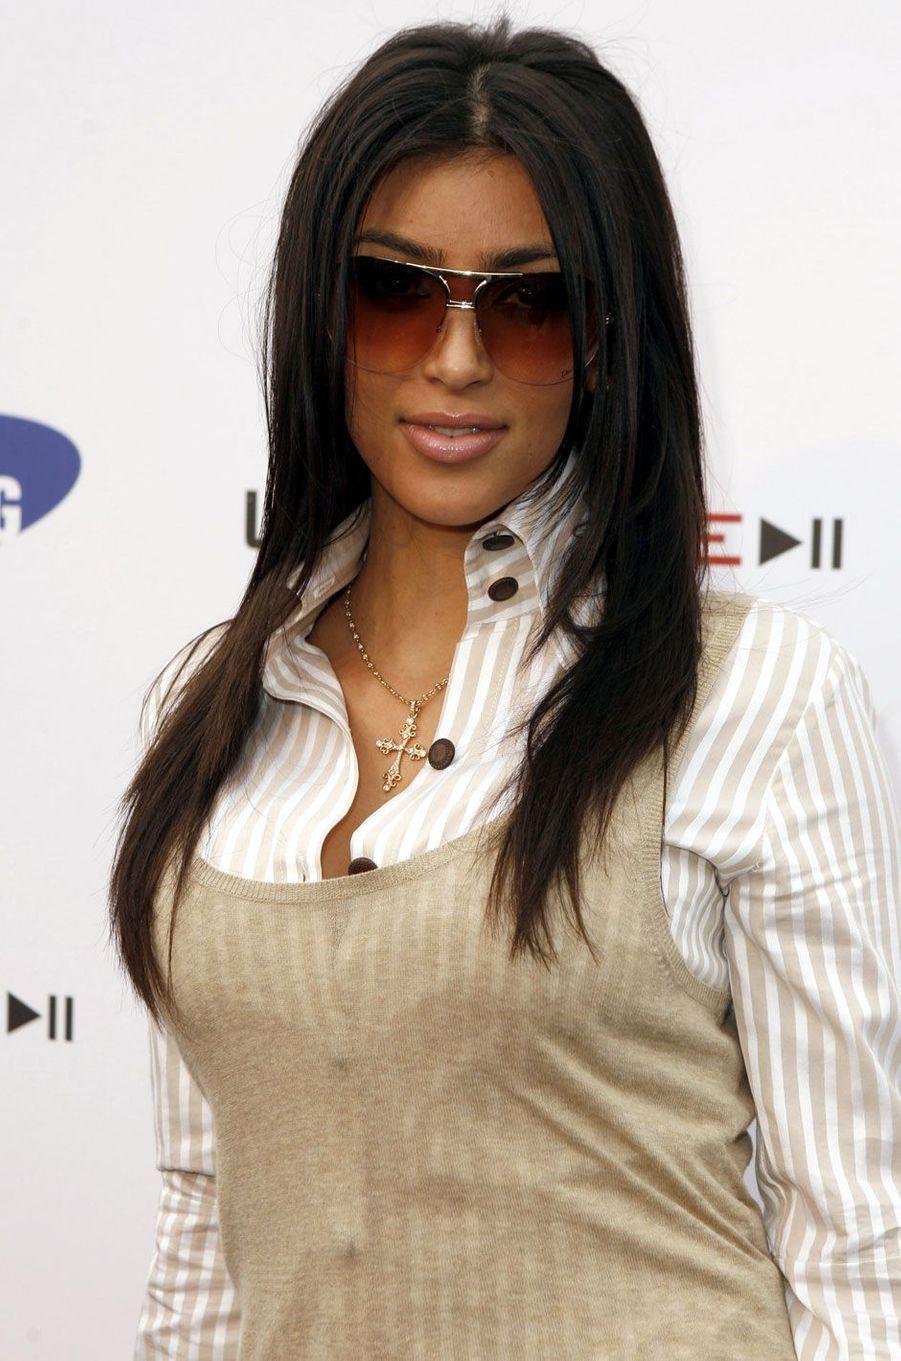 Kim Kardashian en soirée.